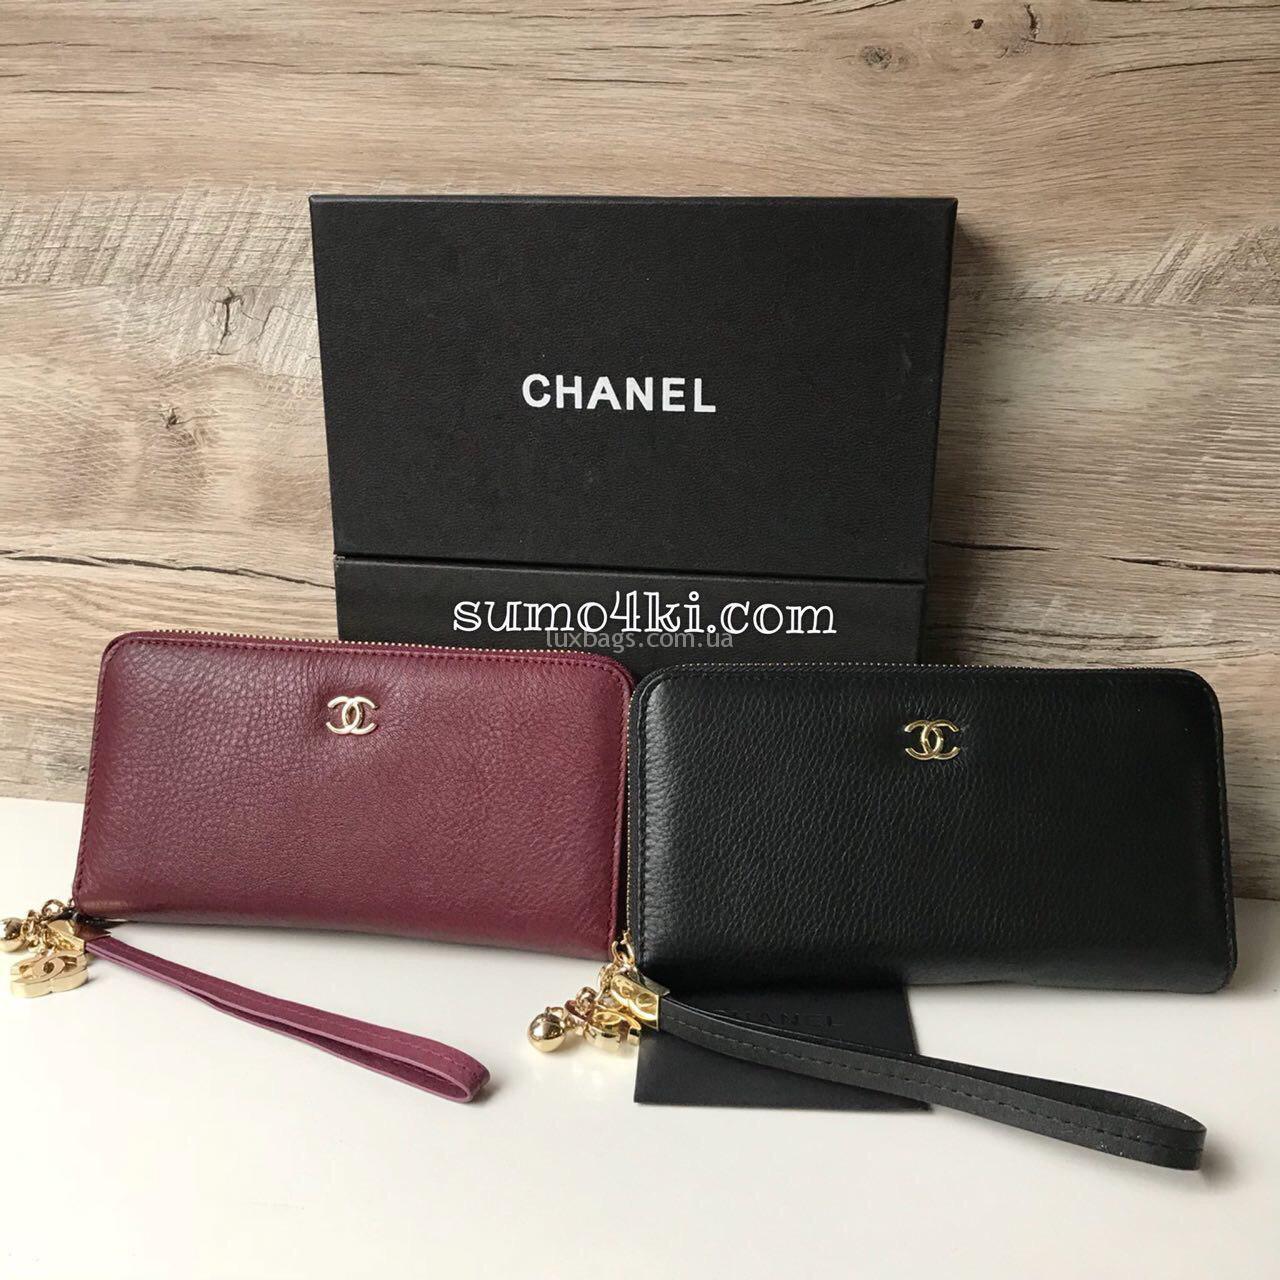 9c09aaeb187d Купить Кошелек CHANEL из натуральной кожи (копия) | lux-bags